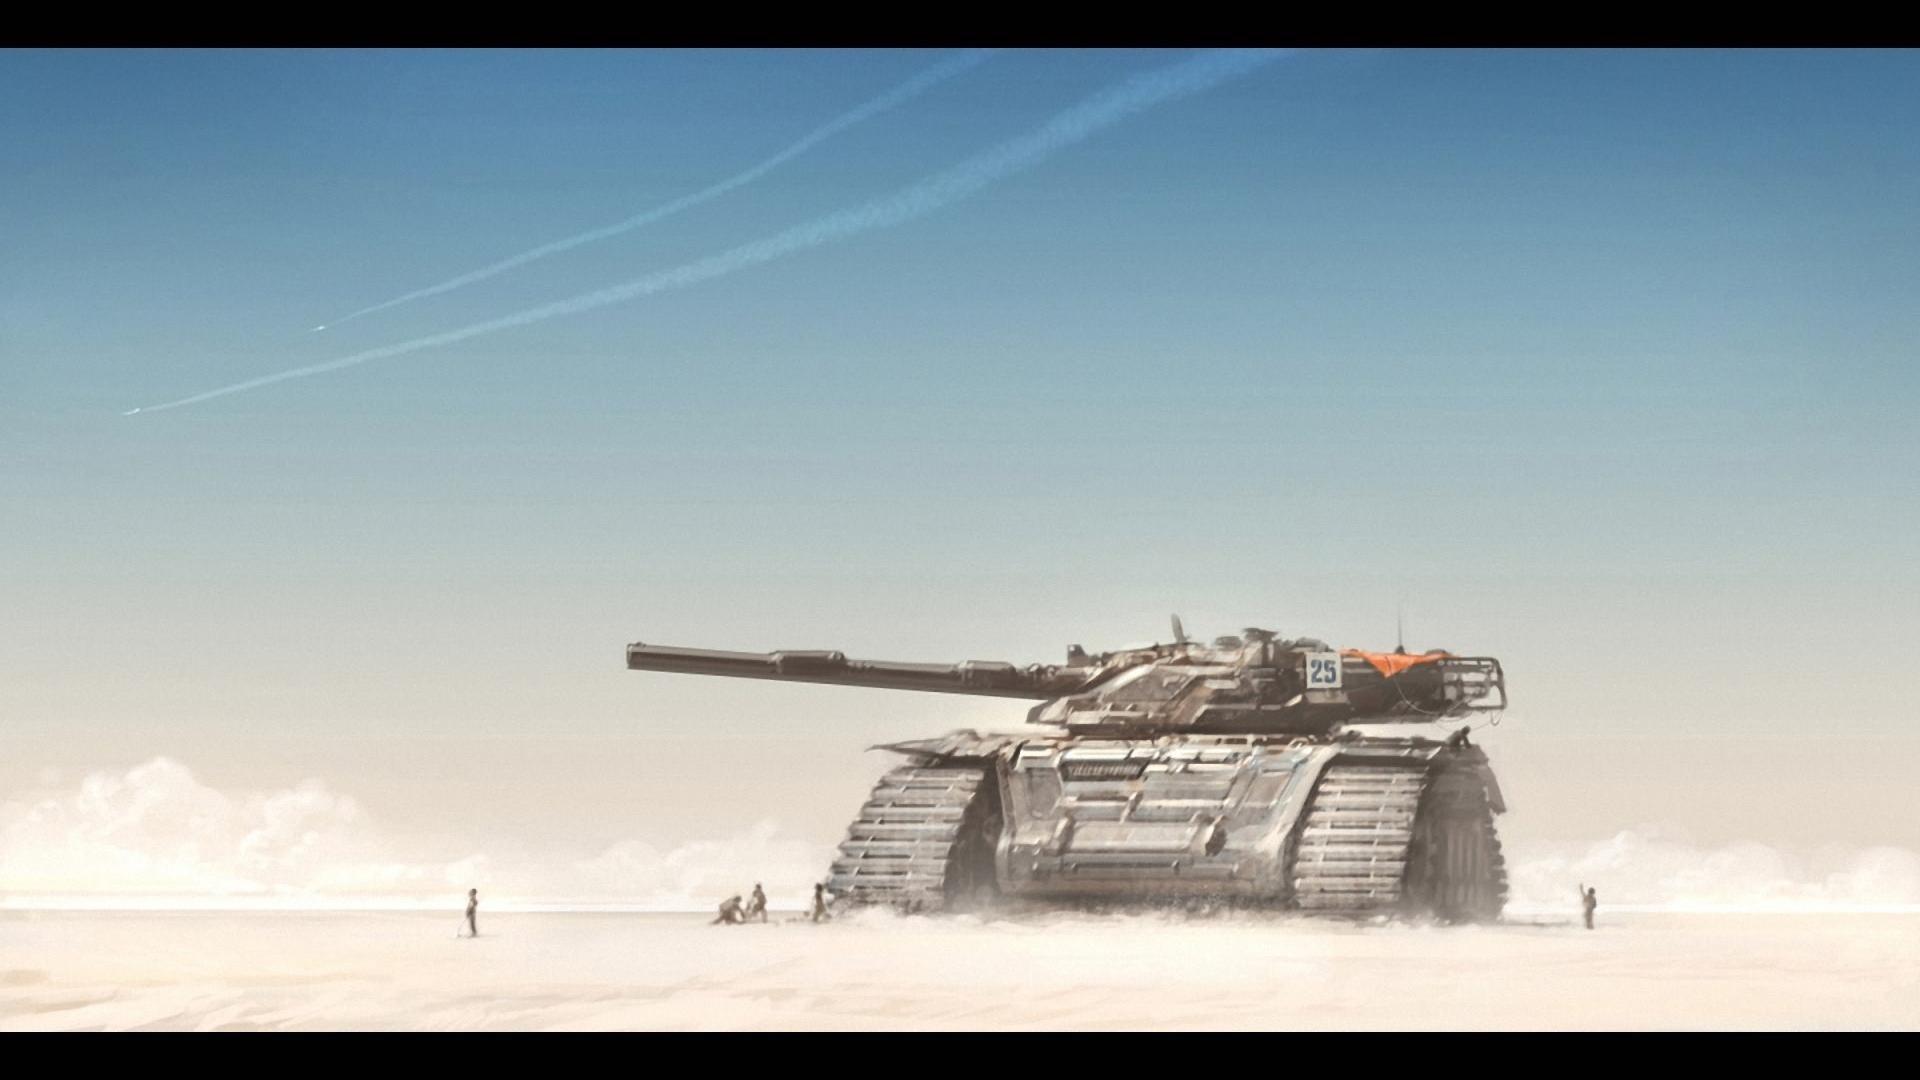 Dune deserts fantasy art science fiction tanks wallpaper